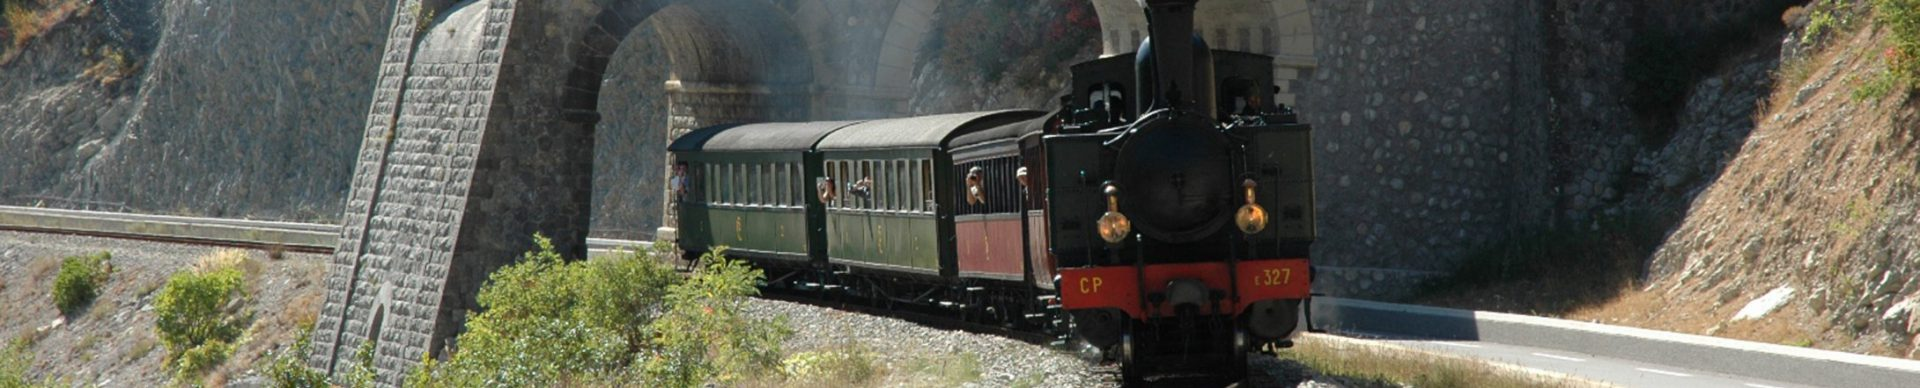 Train des Pignes à vapeur © GECP Accesso e trasporti